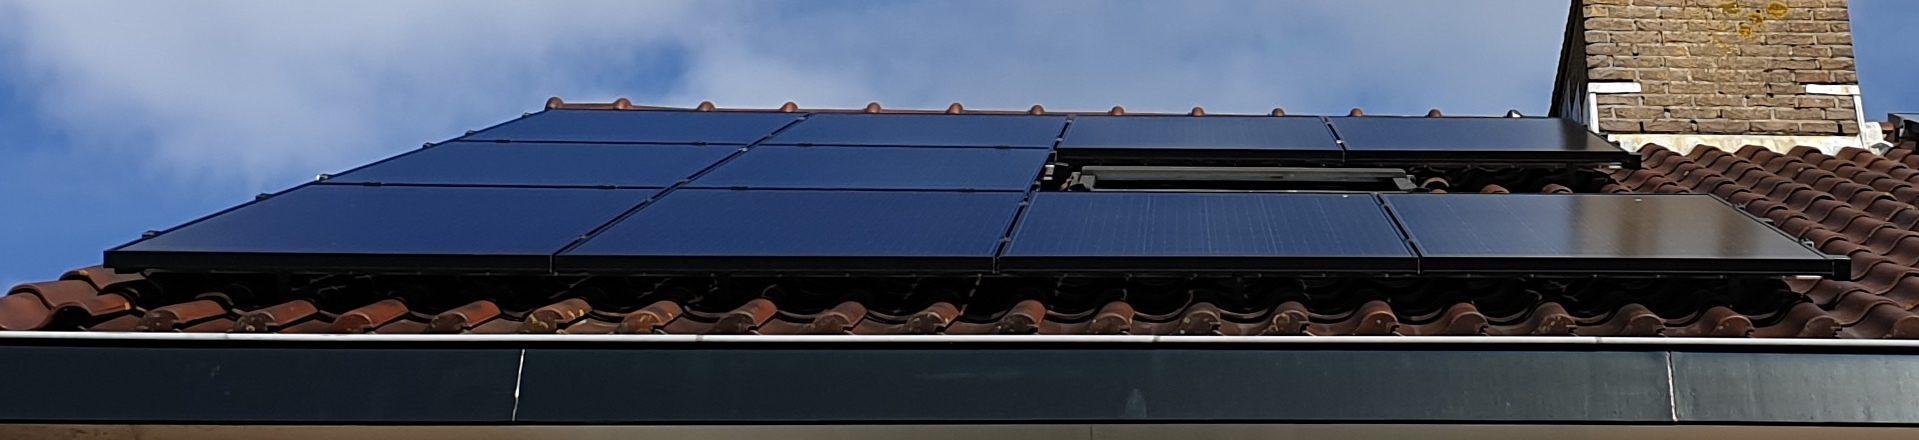 Tien solarwatt glas-glas zonnepanelen met micro-omvormers bij familie van Duijn